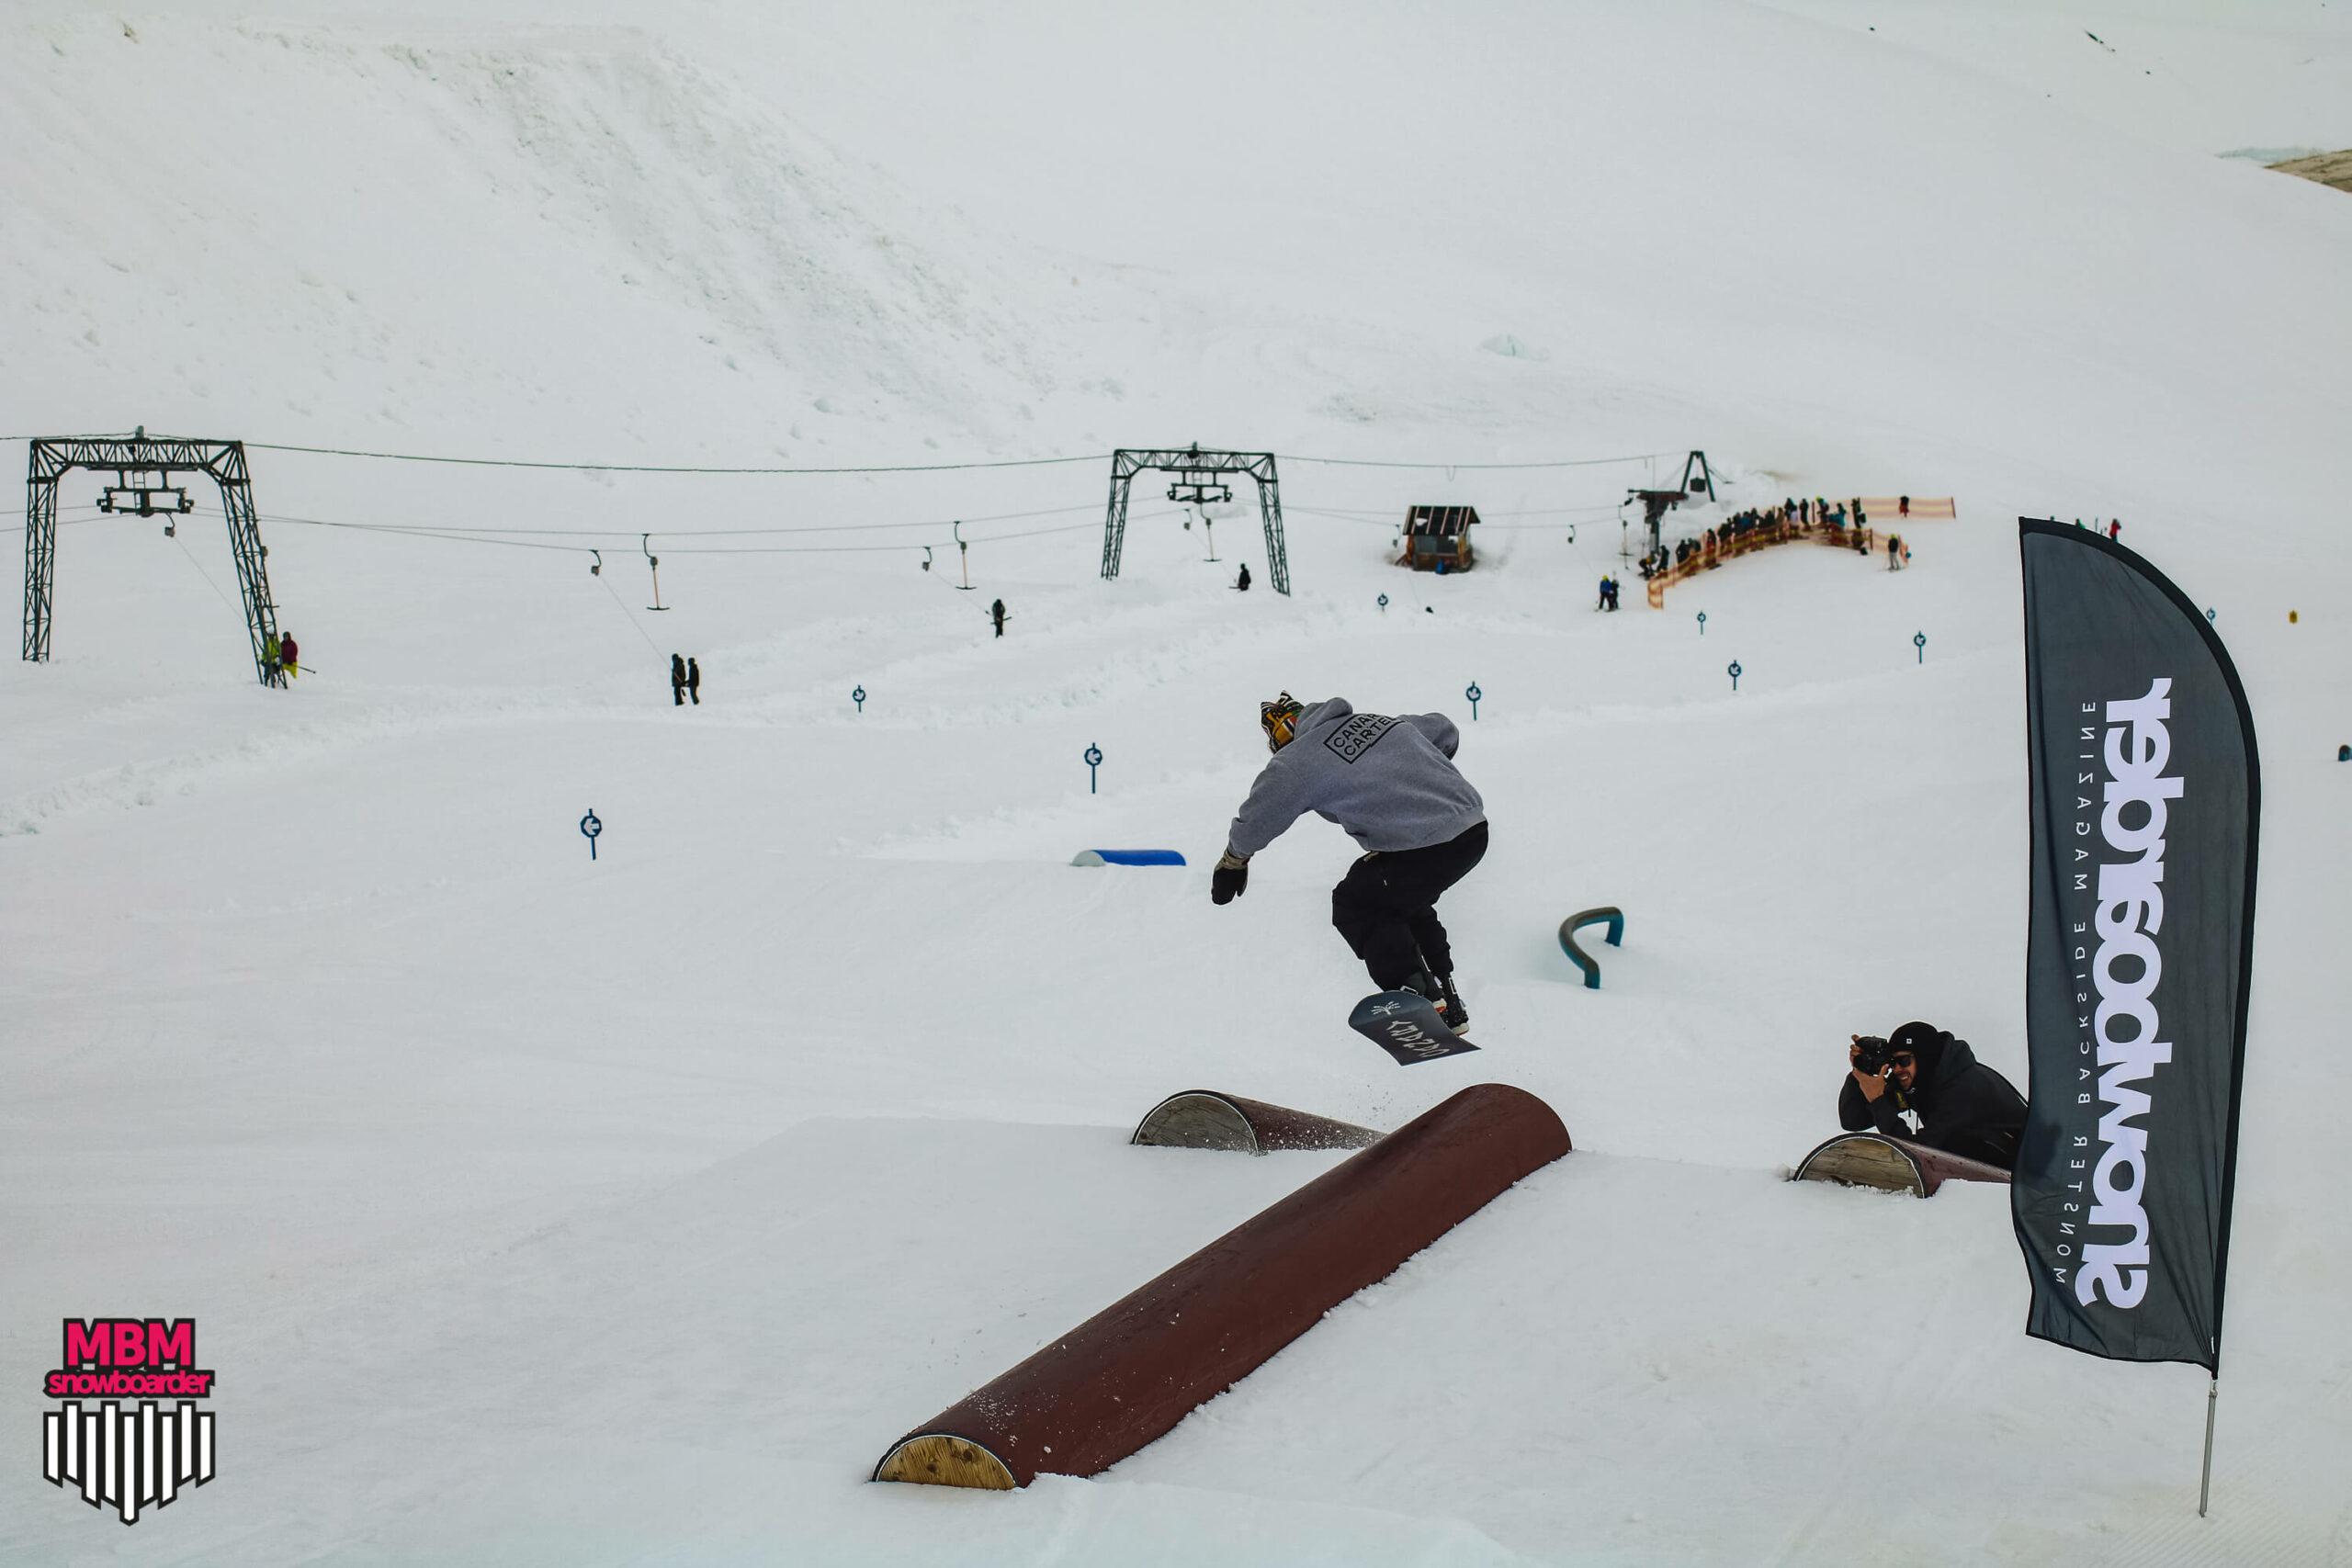 snowboarderMBM_sd_kaunertal_006